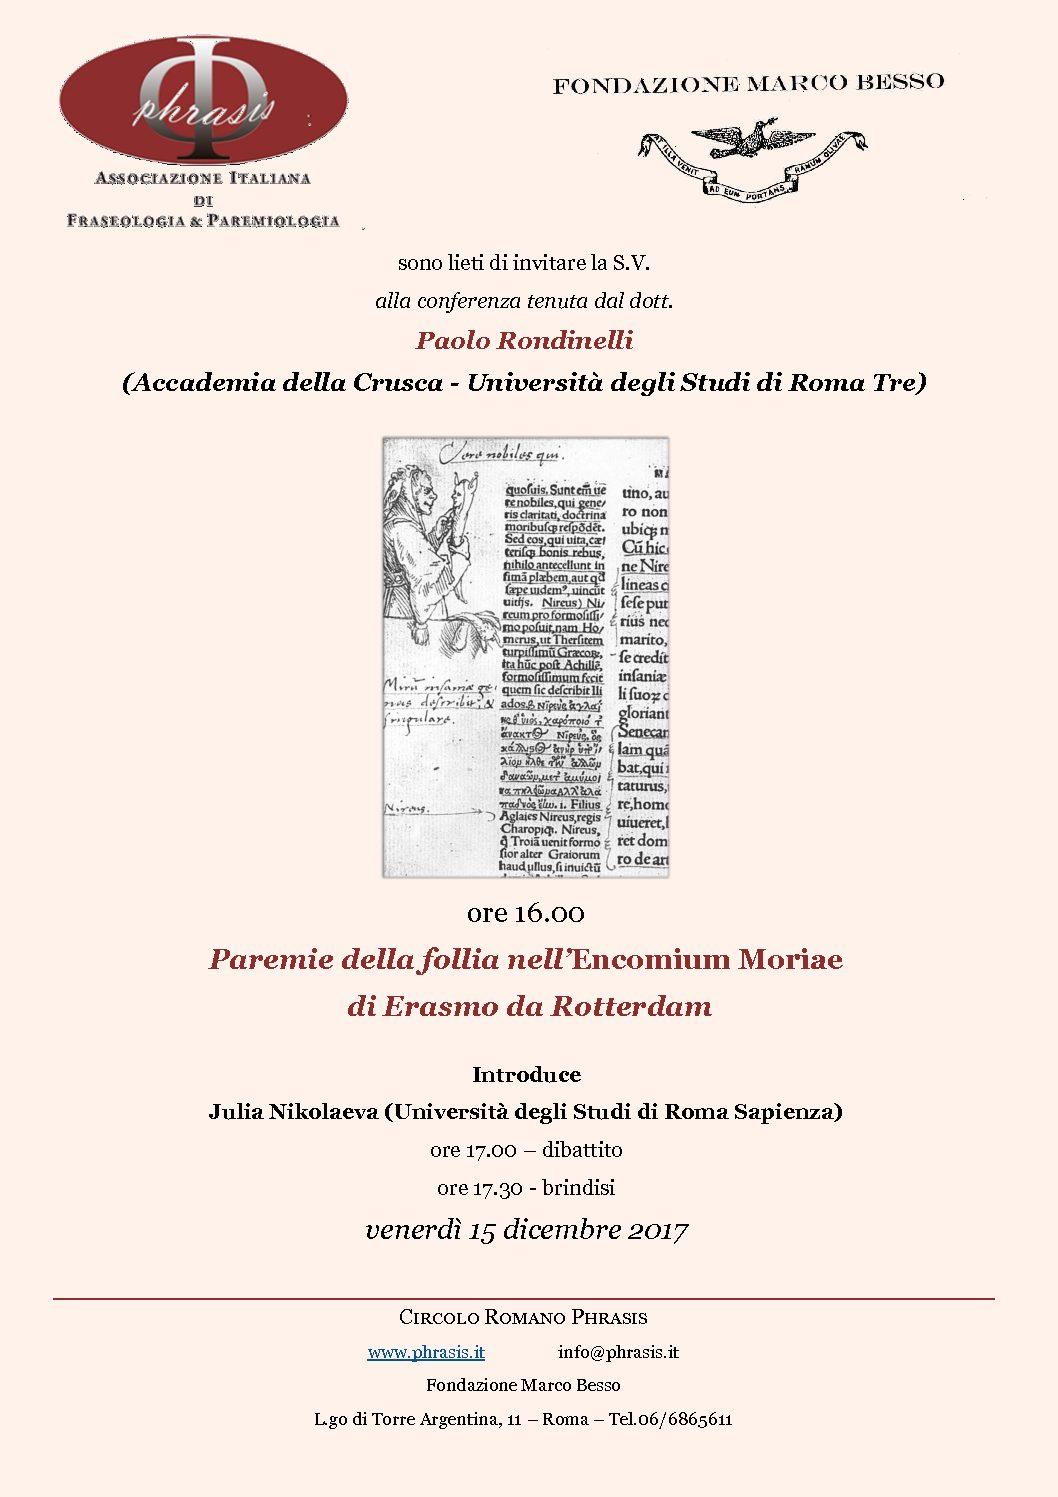 Circolo Romano Phrasis: Conferenza di Paolo Rondinelli (Accademia della Crusca-Università Roma Tre)